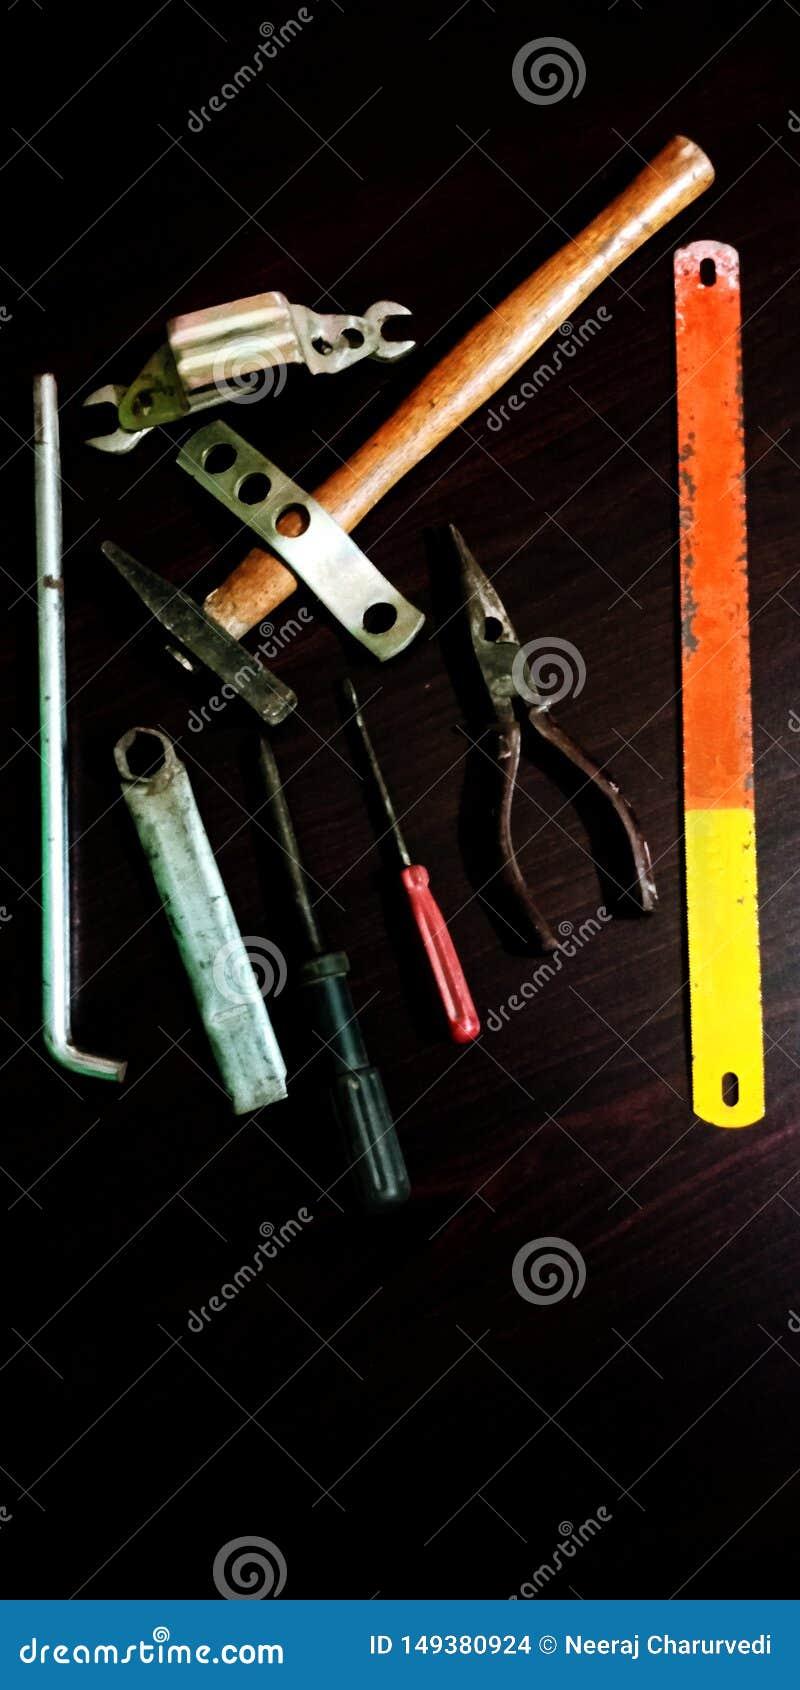 Σύνολο ηλεκτρικού εργαλείου στα ξύλινα εξαρτήματα υποβάθρου για τη φωτογραφία αποθεμάτων ενεργειακής έννοιας εργασίας εφαρμοσμένη